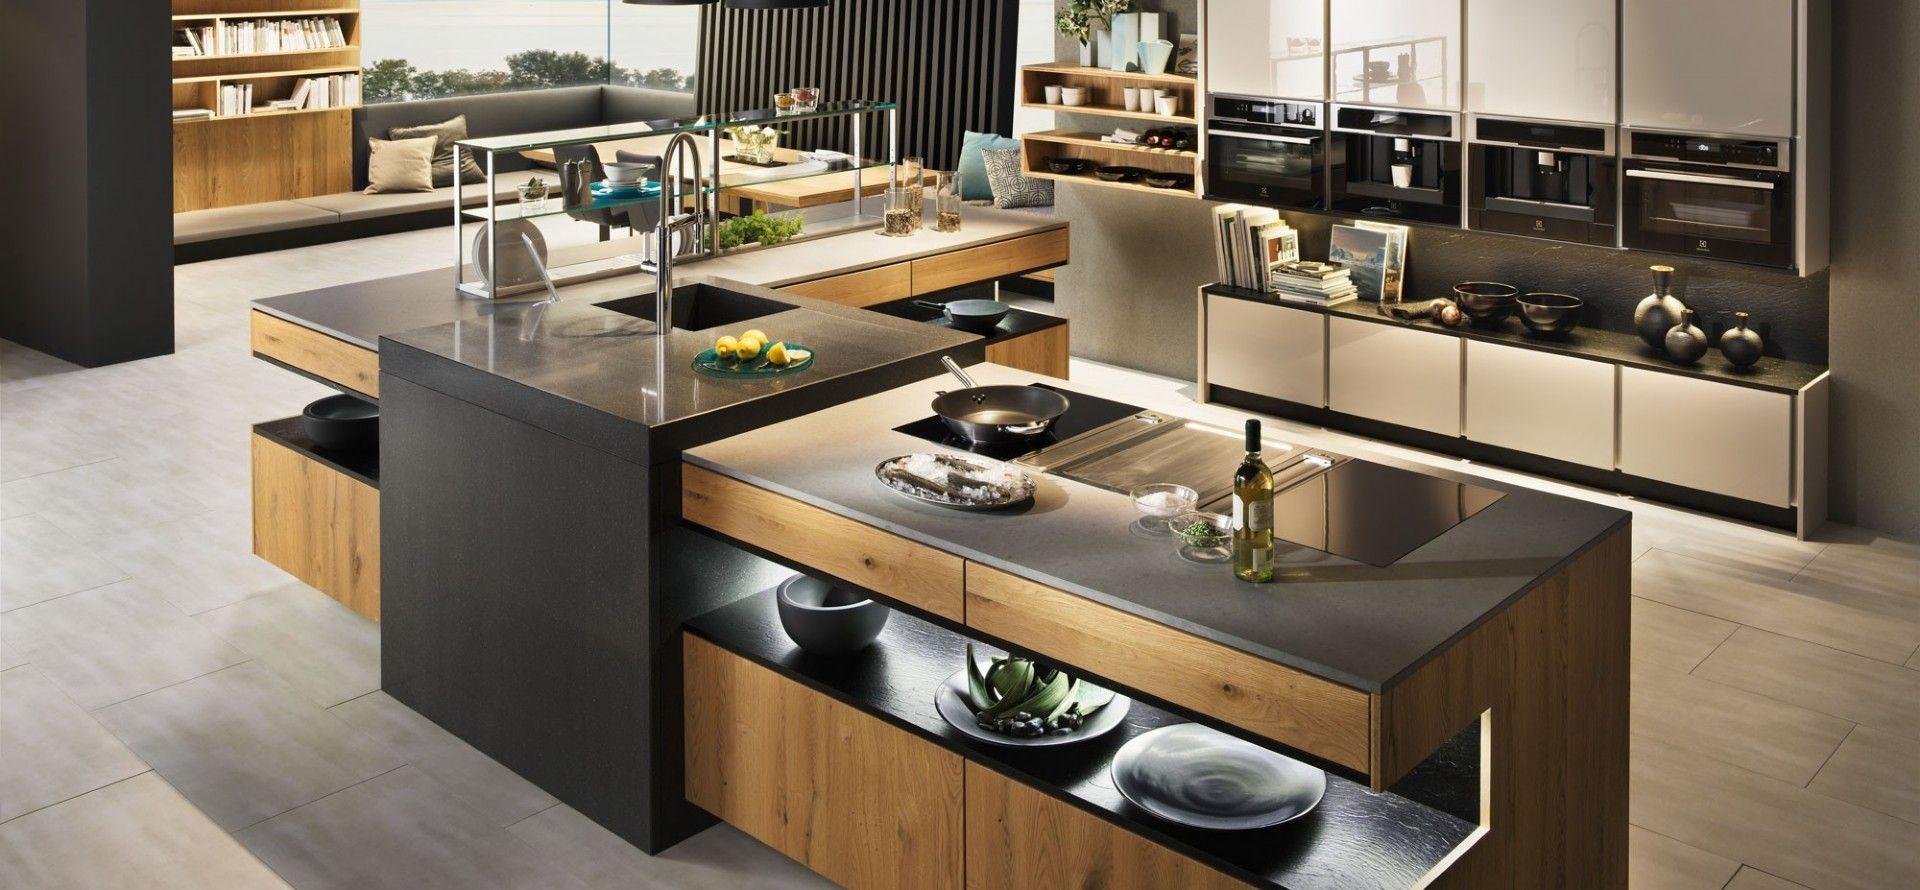 küchen bilder 111 ideen für design küche mit kochinsel